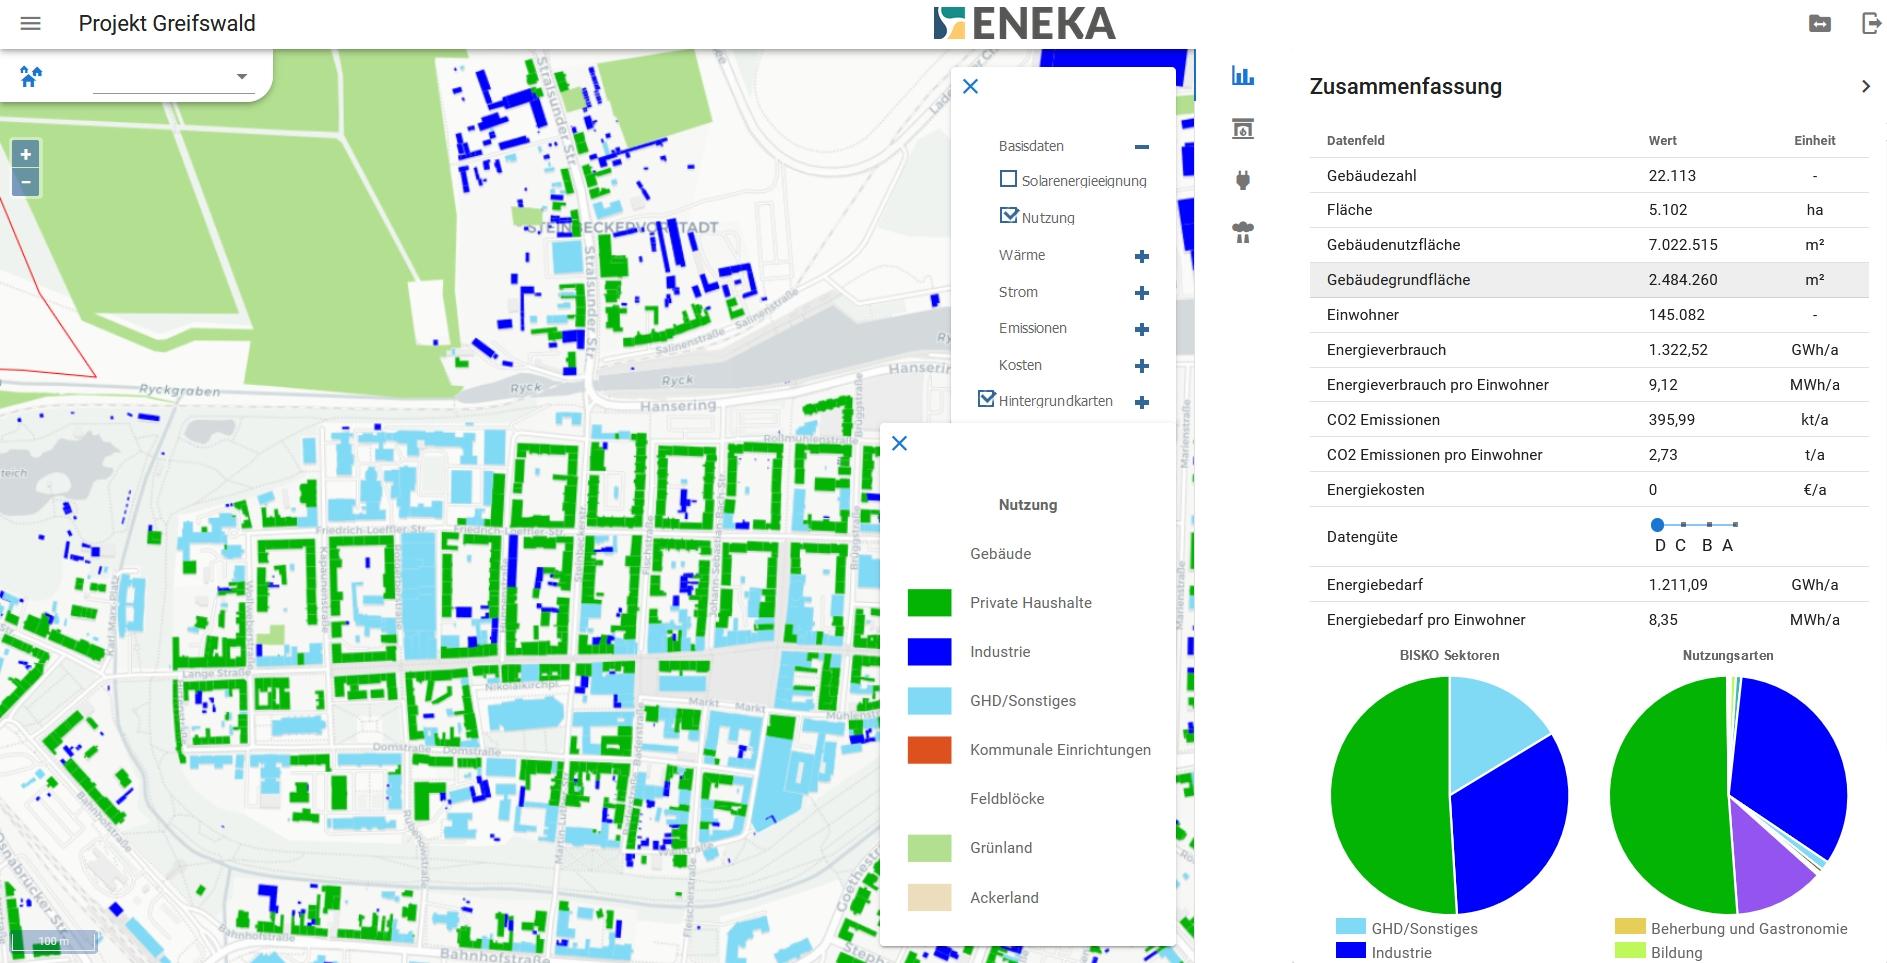 Greifswald Karte Energie Nutzungsarten